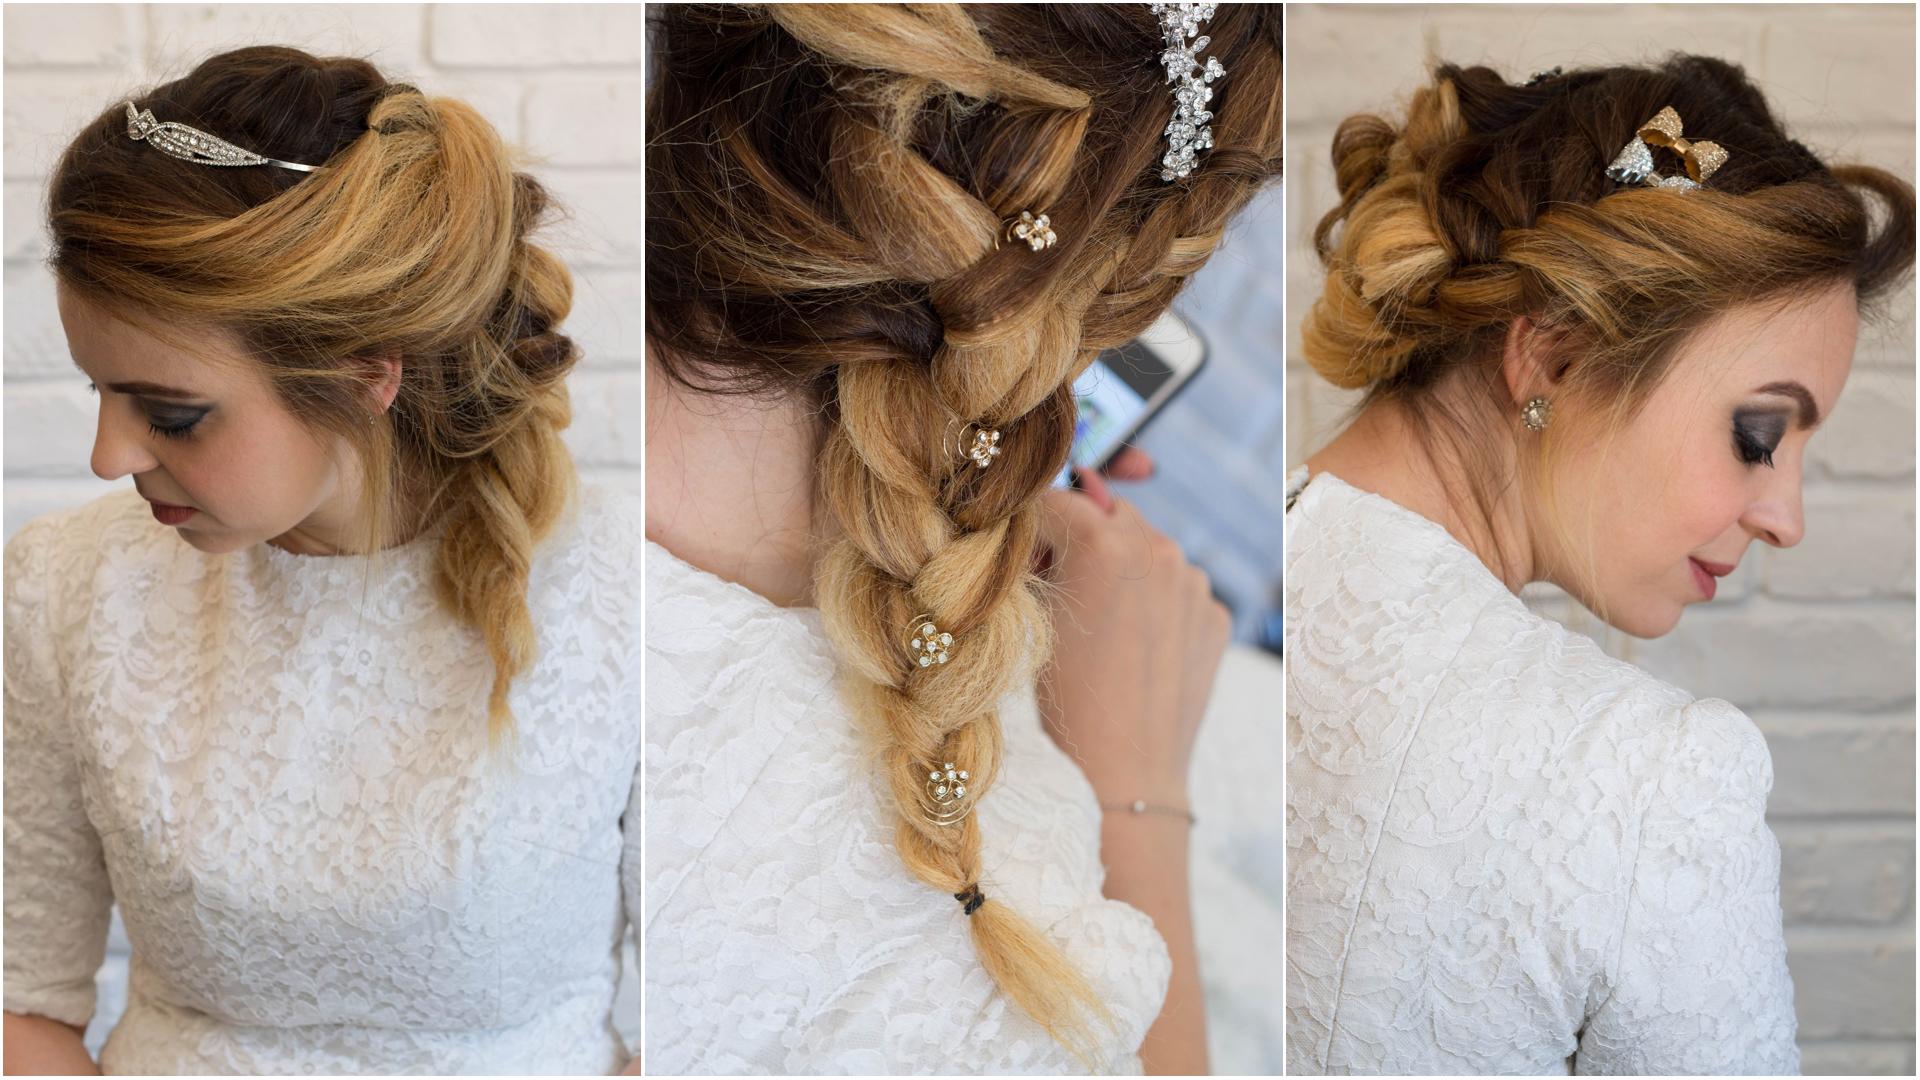 Acconciature per capelli lunghi trecce